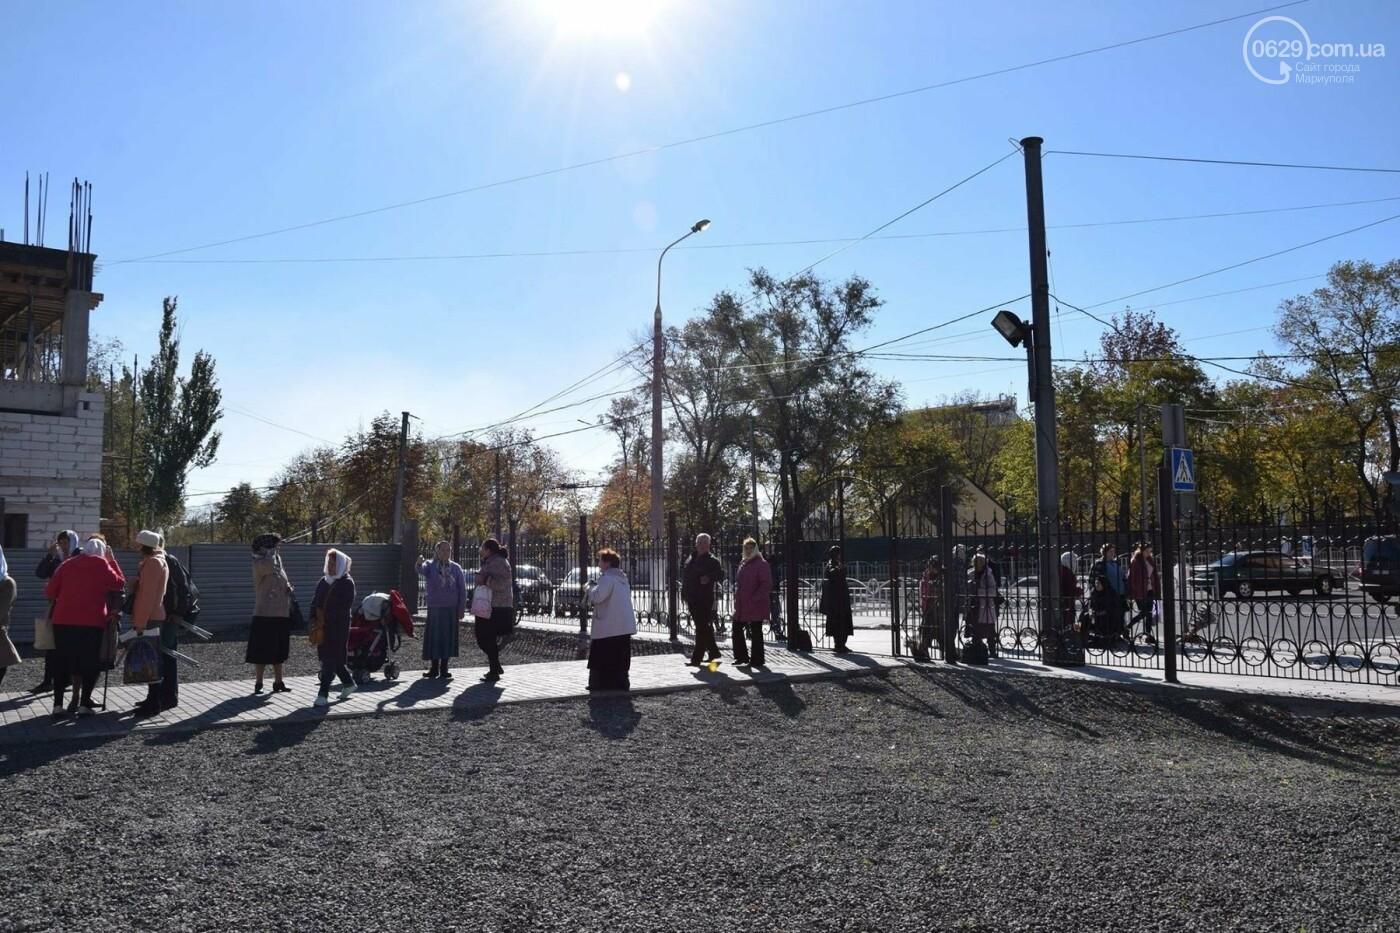 В Мариуполе православные христиане отмечали Покров, - ФОТО, ВИДЕО, фото-8